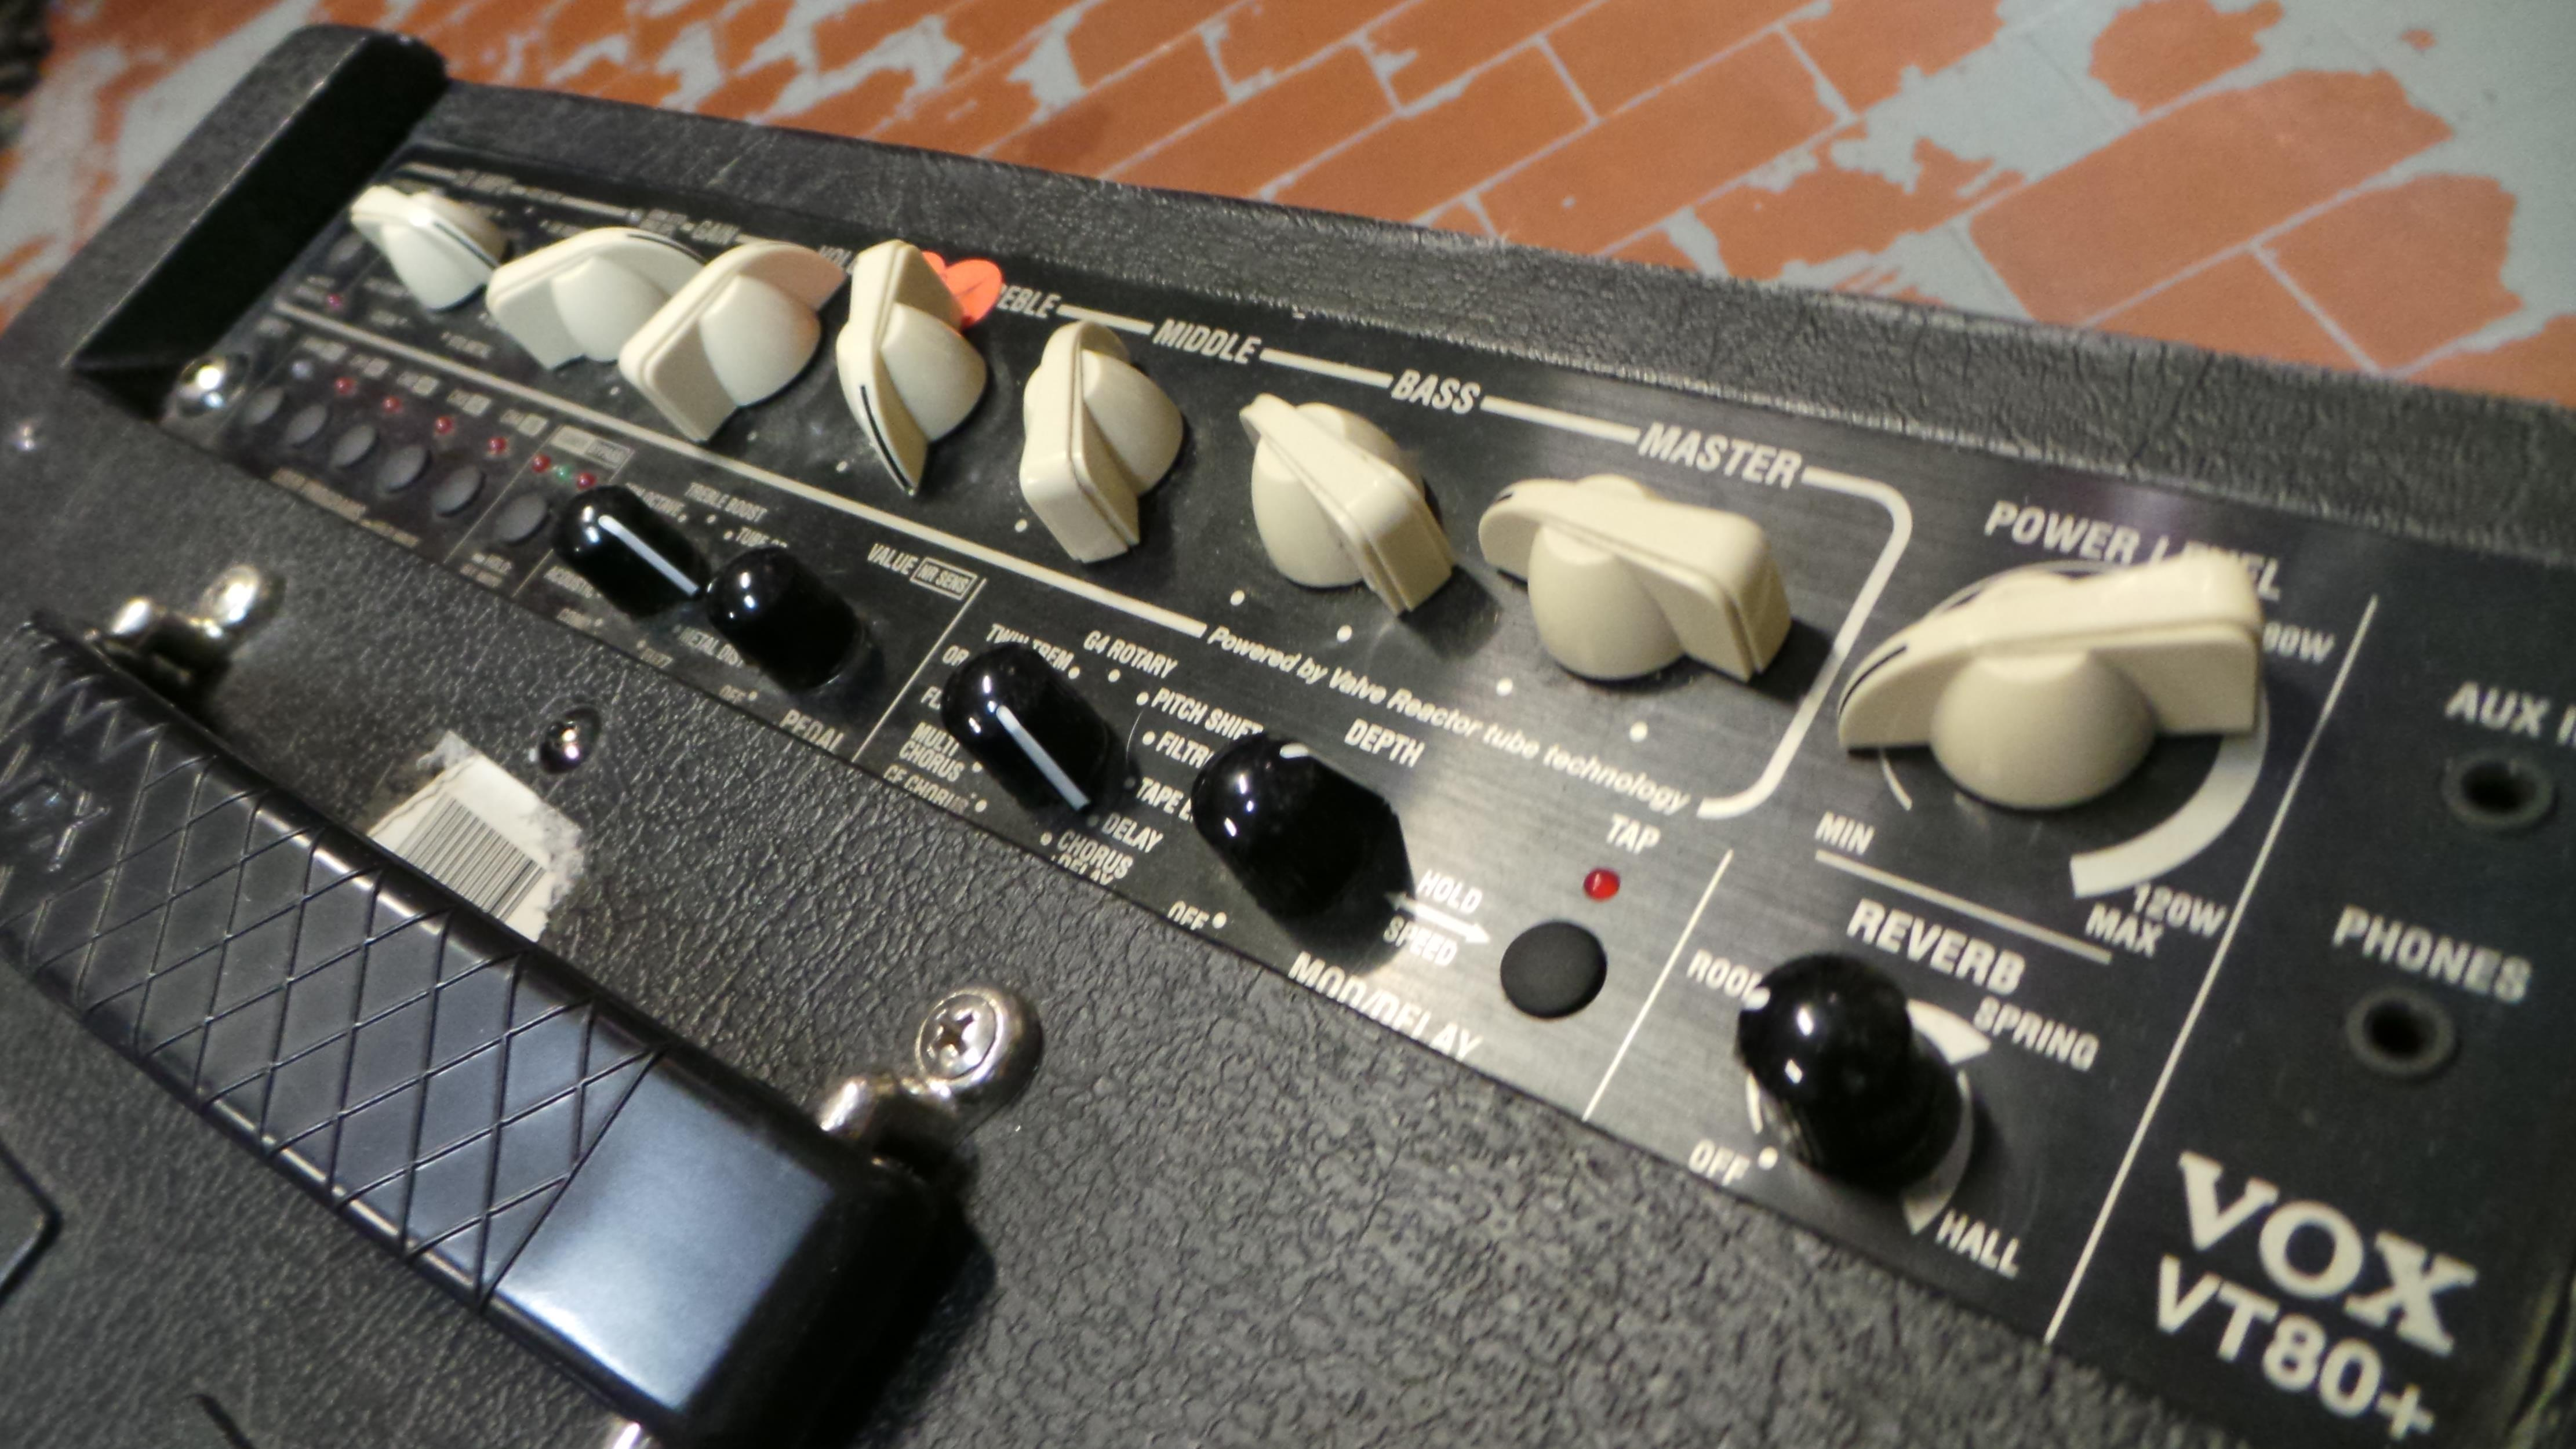 VOX VT 80+ ..